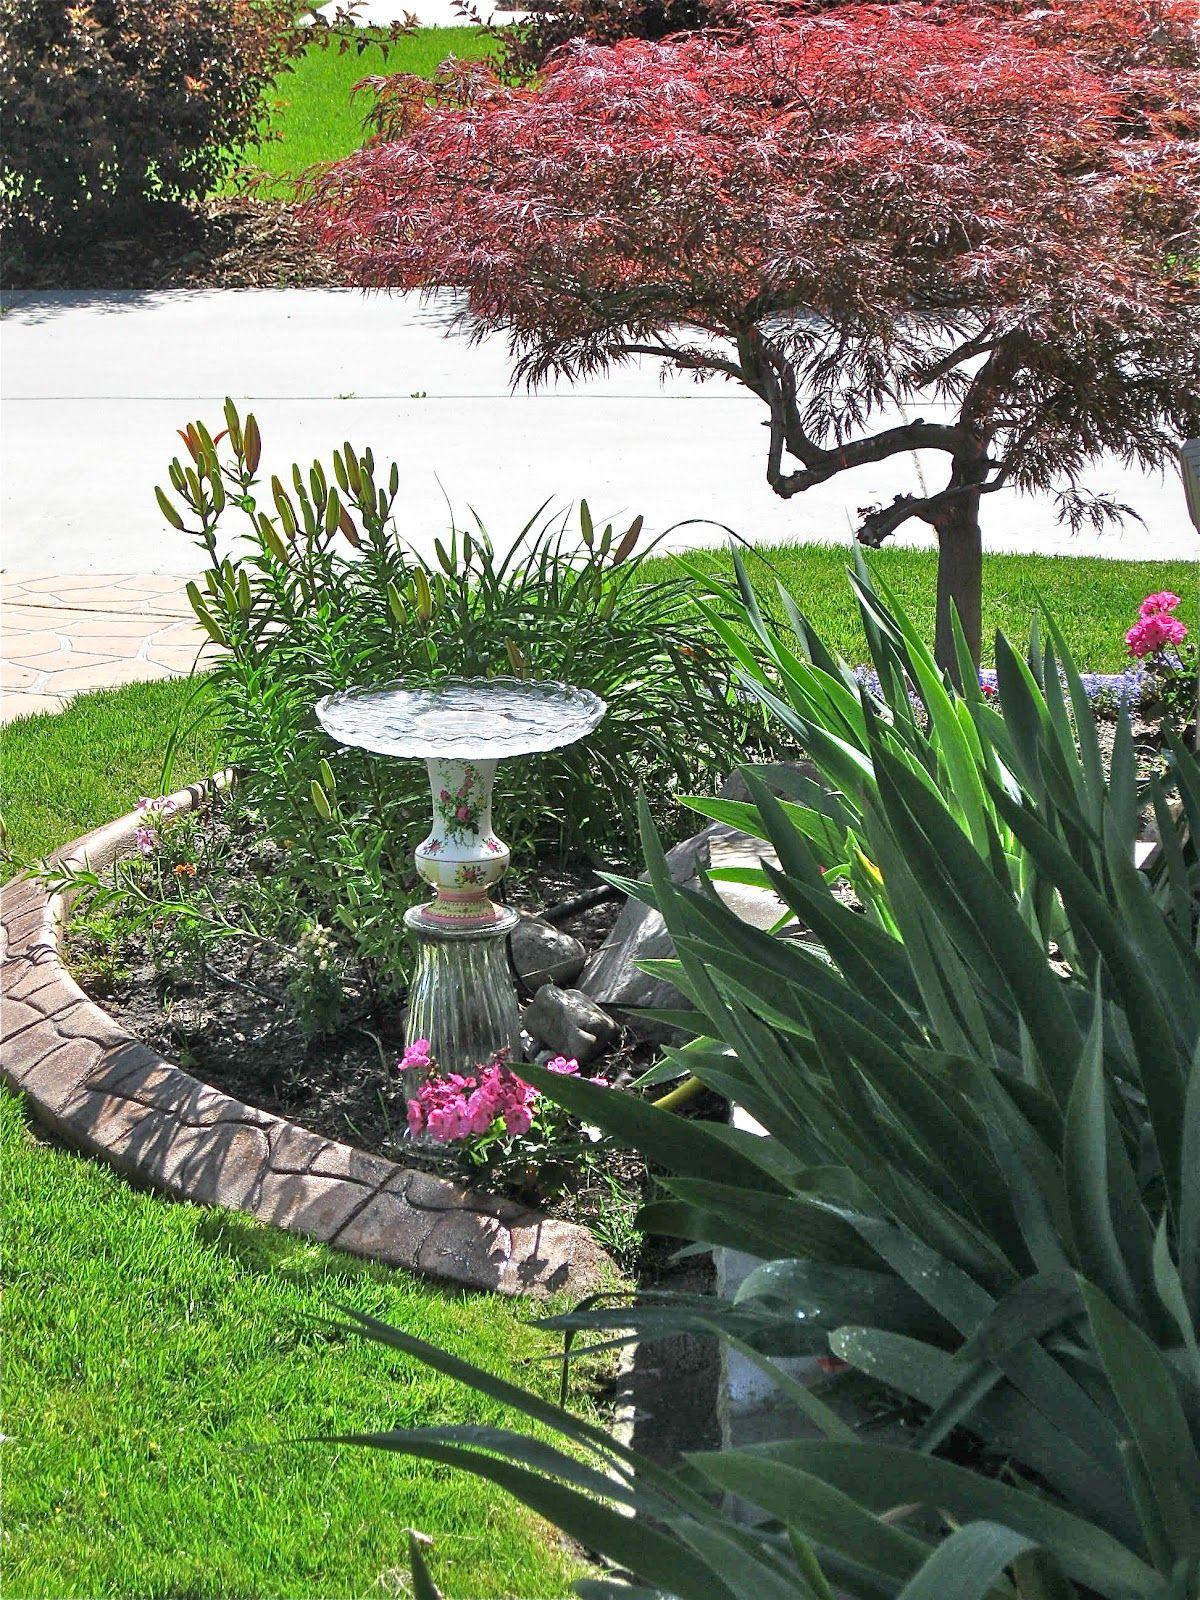 Glass yard art  glass garden art  Google Search  gardening  Pinterest